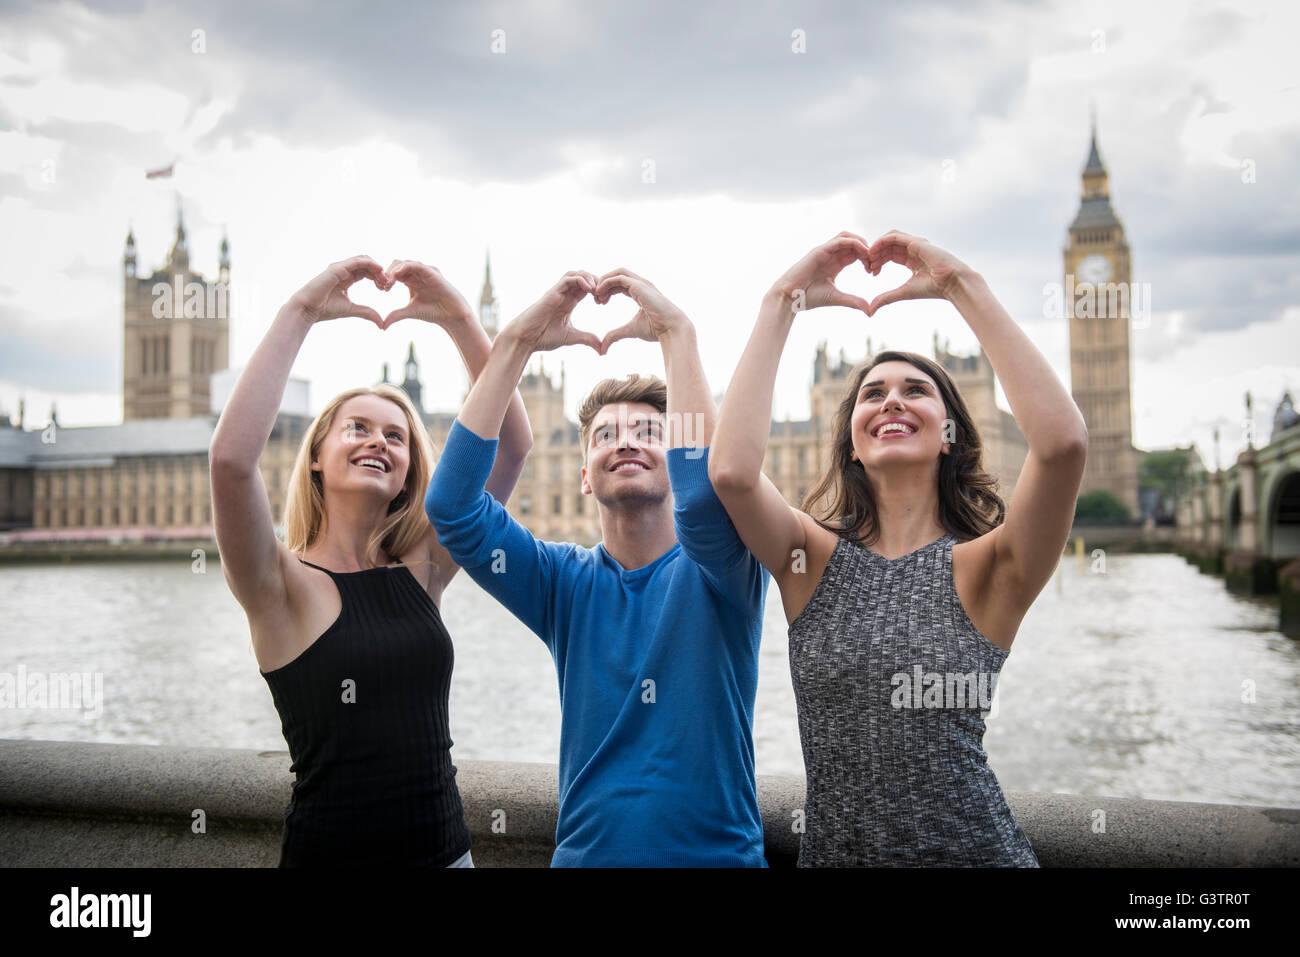 Tre amici fanno a forma di cuore con le loro mani con le case del Parlamento in background. Immagini Stock